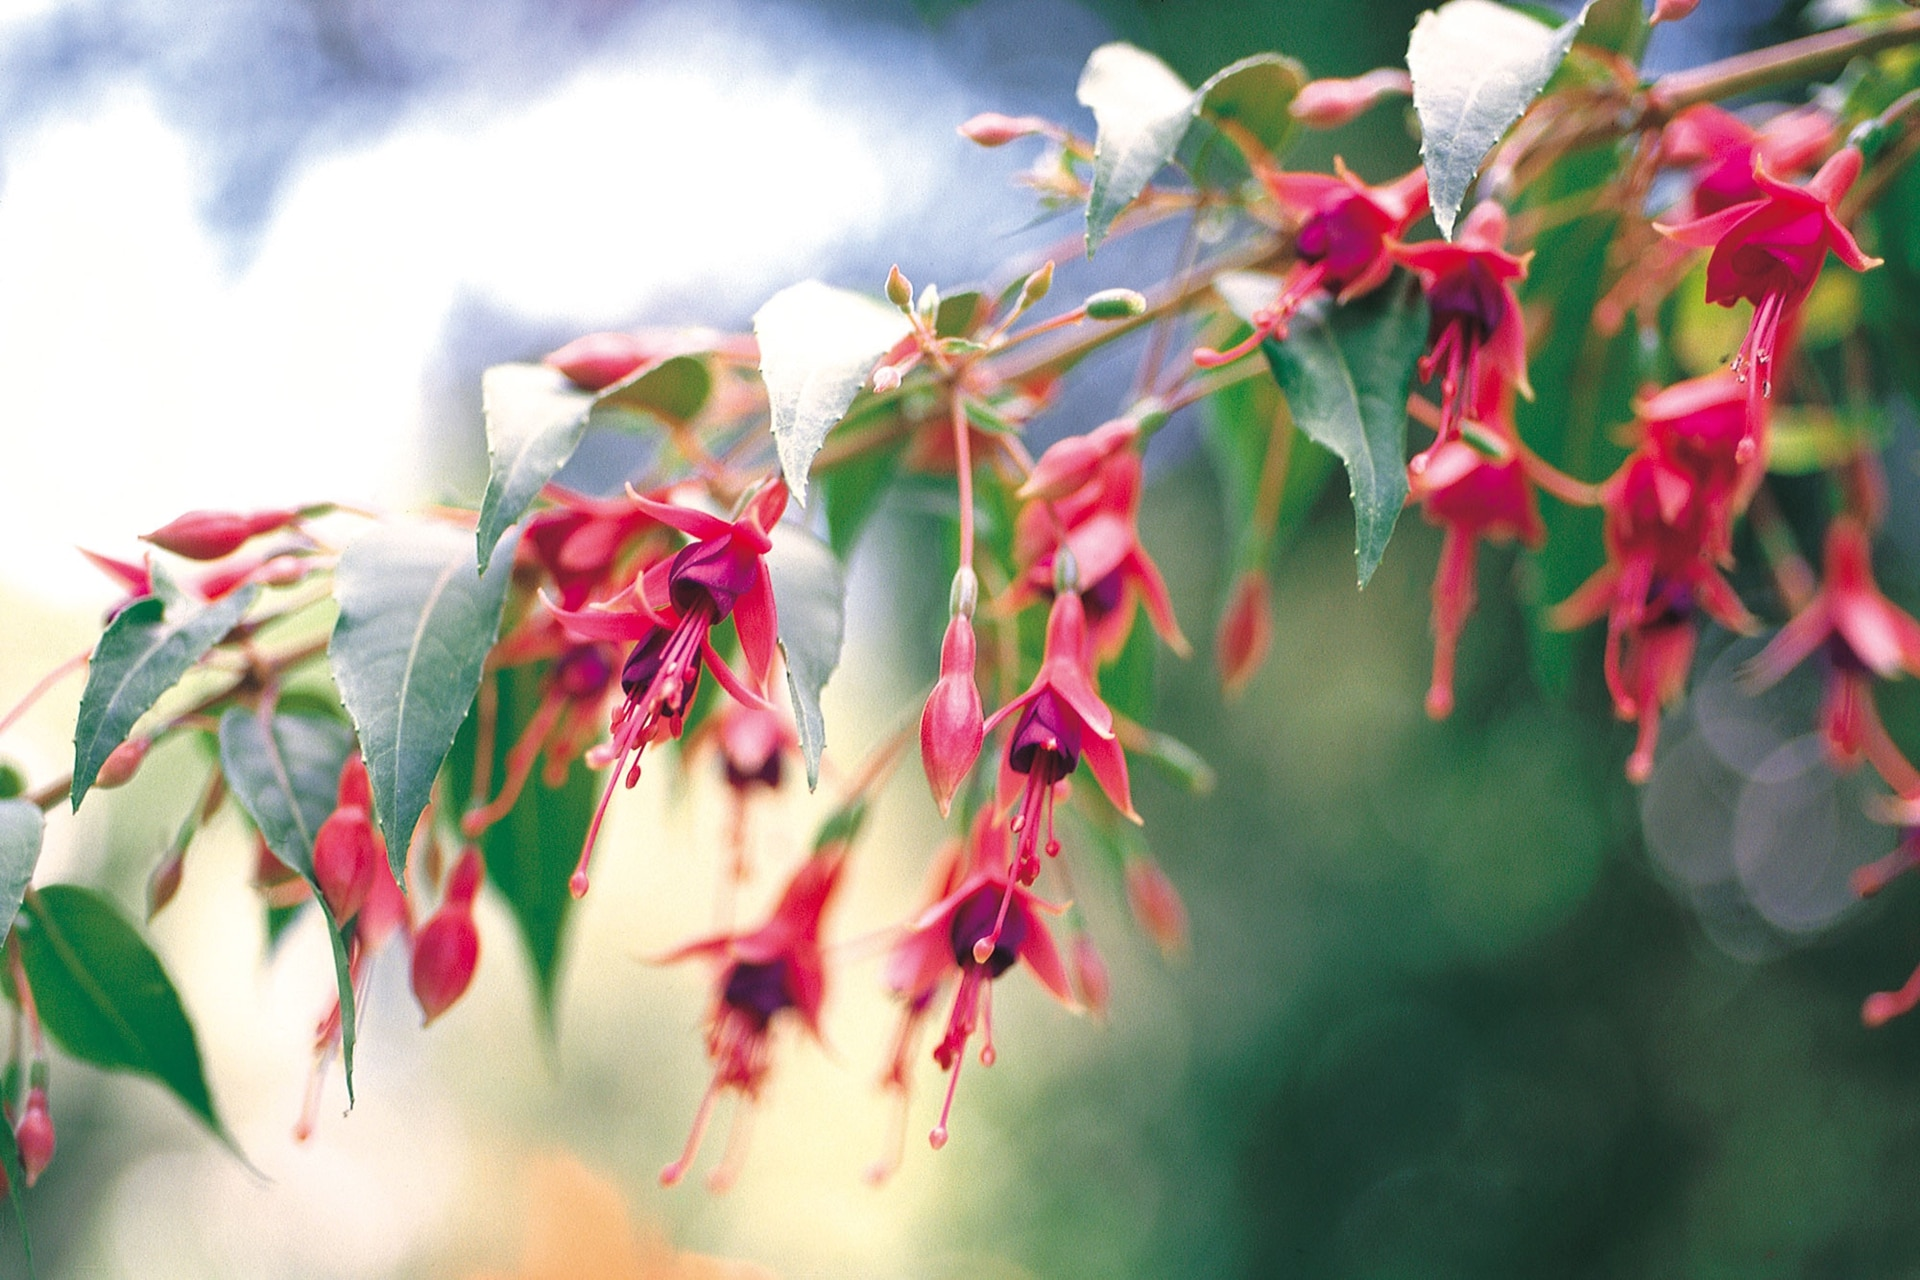 La aljaba o chilco, de nombre científico Fuchsia magellanica, es una planta nativa de los bosques patagónicos.